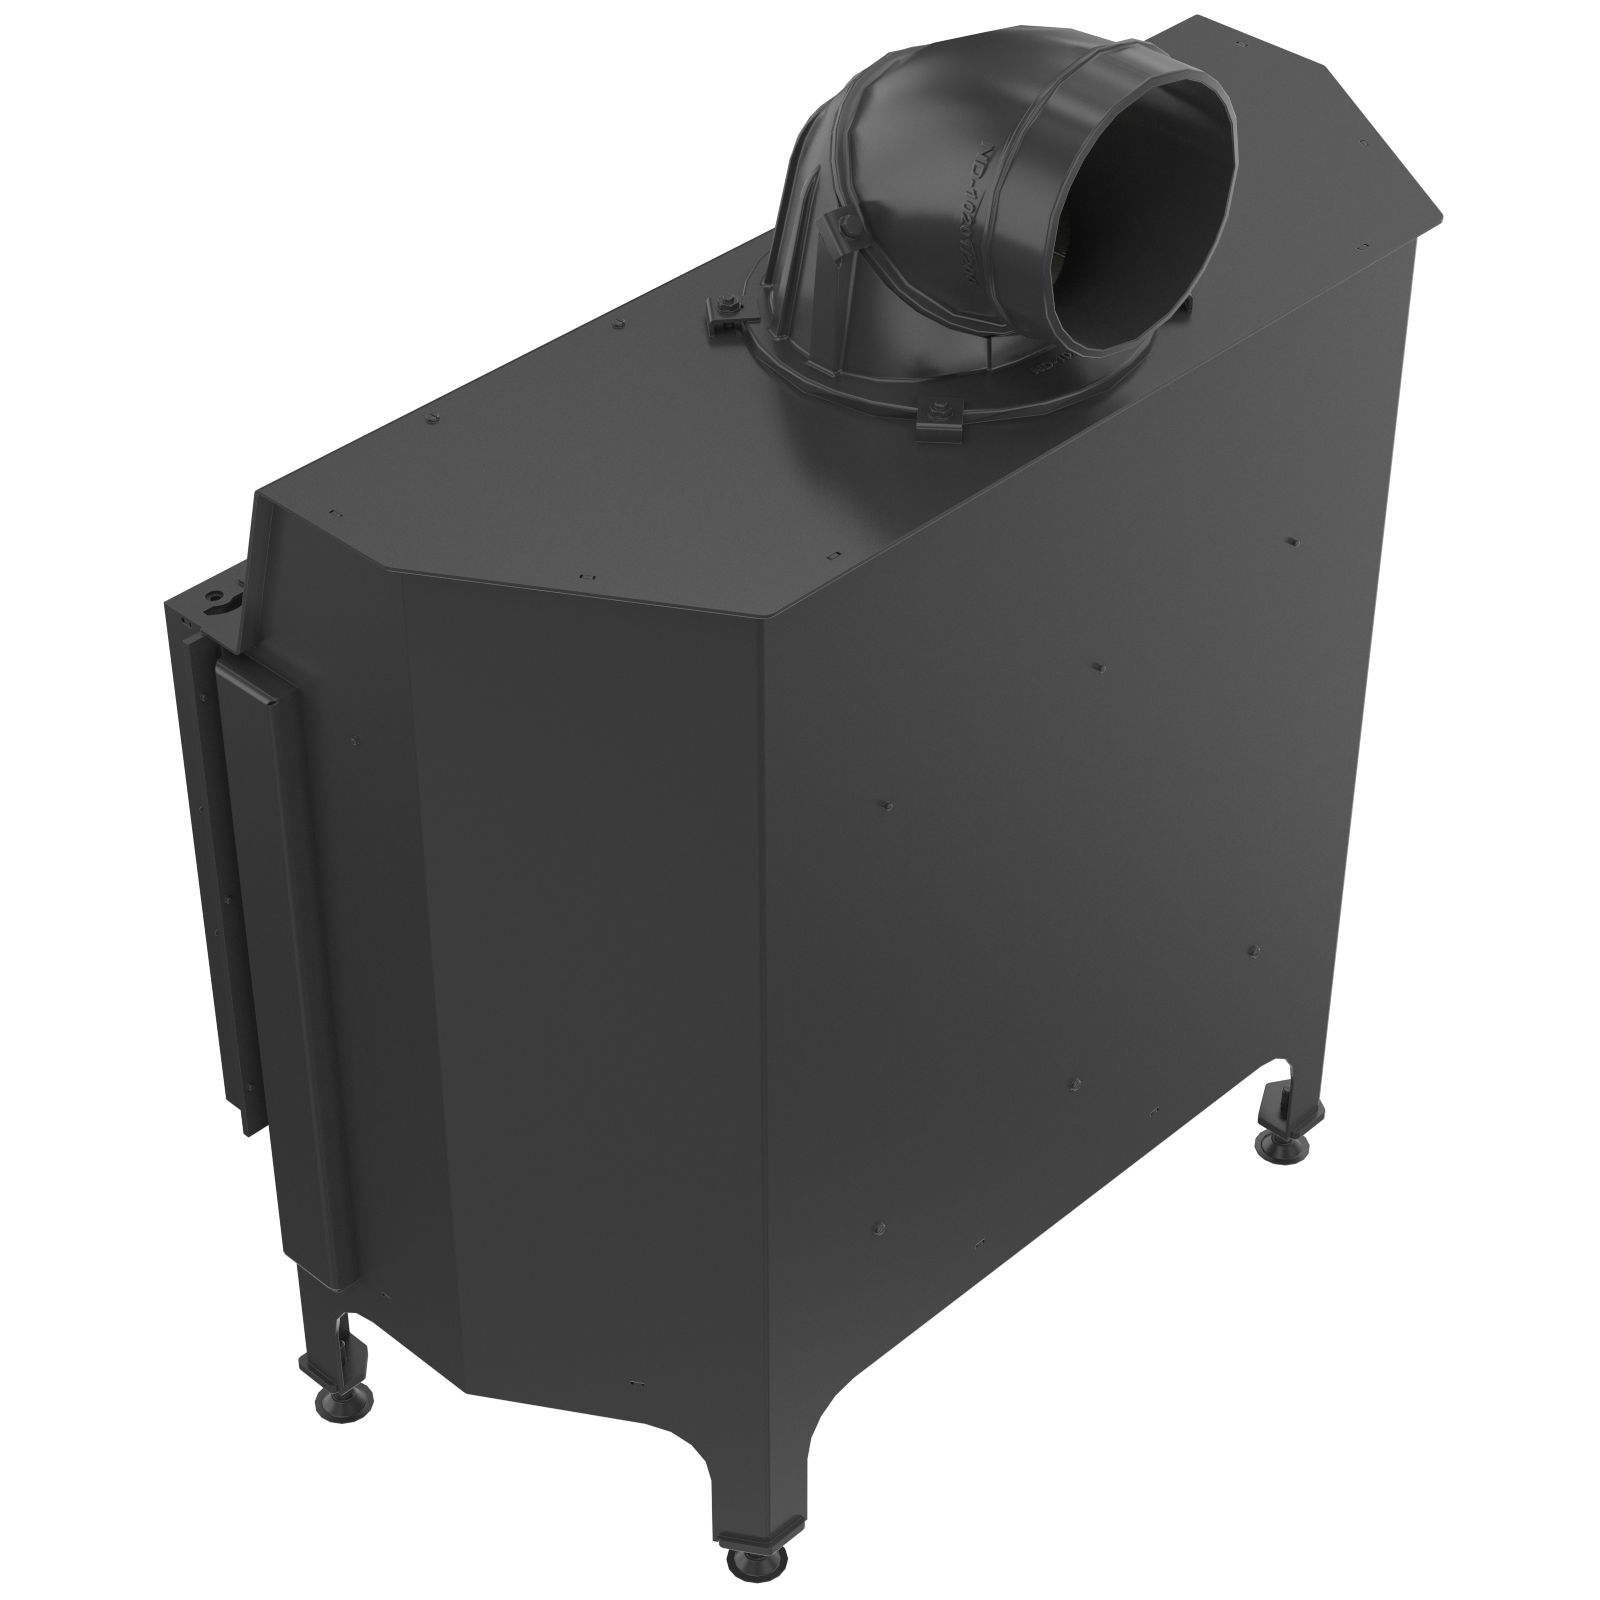 kamineinsatz kratki nadia 14 kw scheibenma 90 5 cm x 43 3 cm. Black Bedroom Furniture Sets. Home Design Ideas